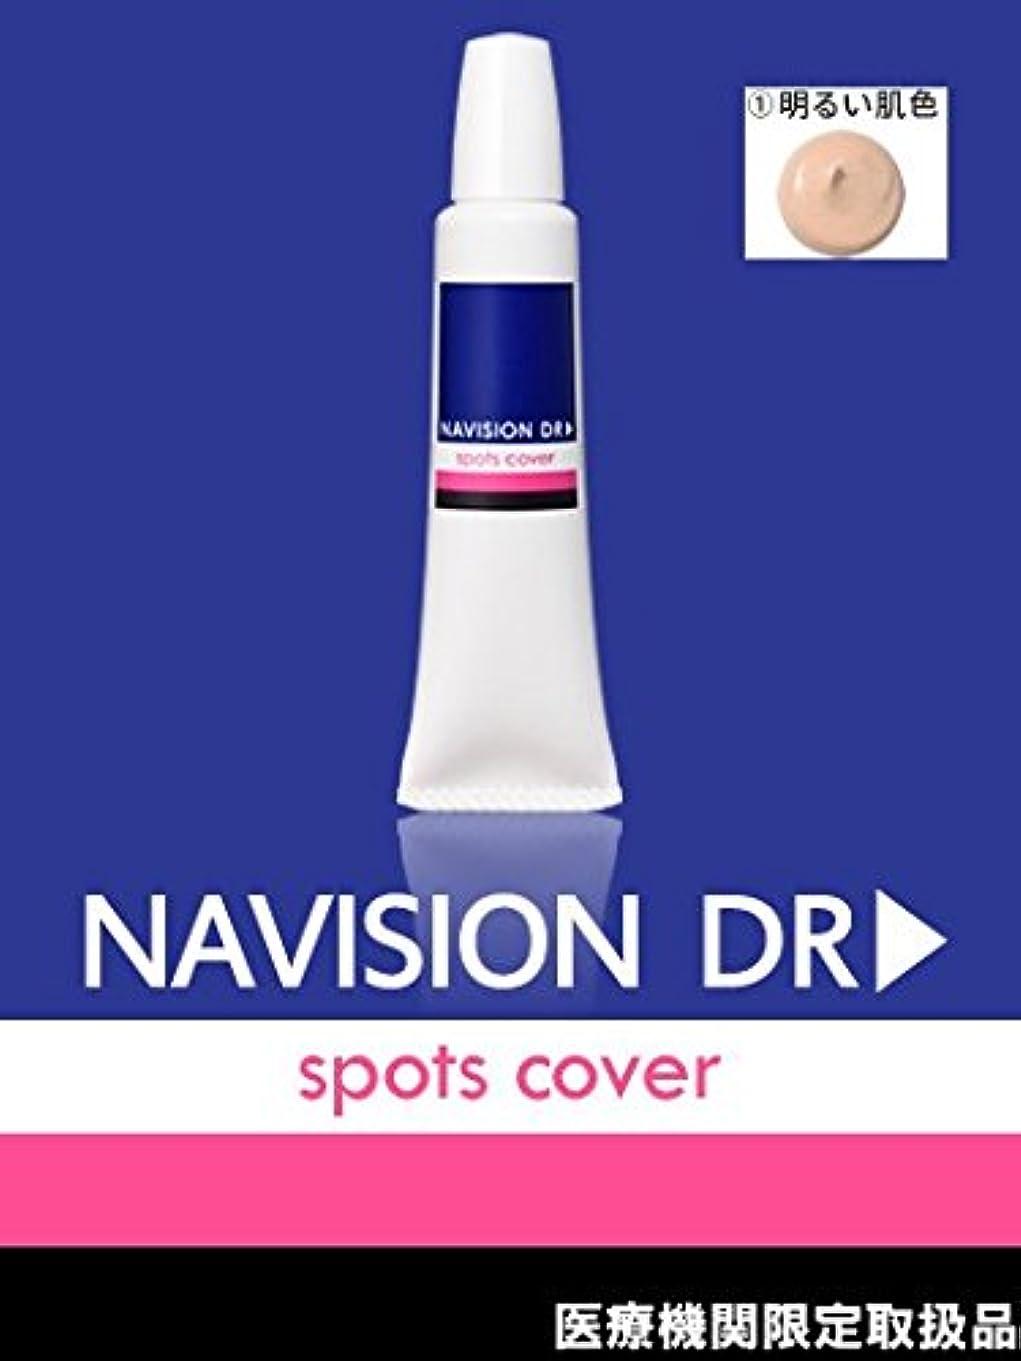 快適超える組み合わせるNAVISION DR? ナビジョンDR スポッツカバー ①明るい肌色 SPF40?PA+++【医療機関限定取扱品】